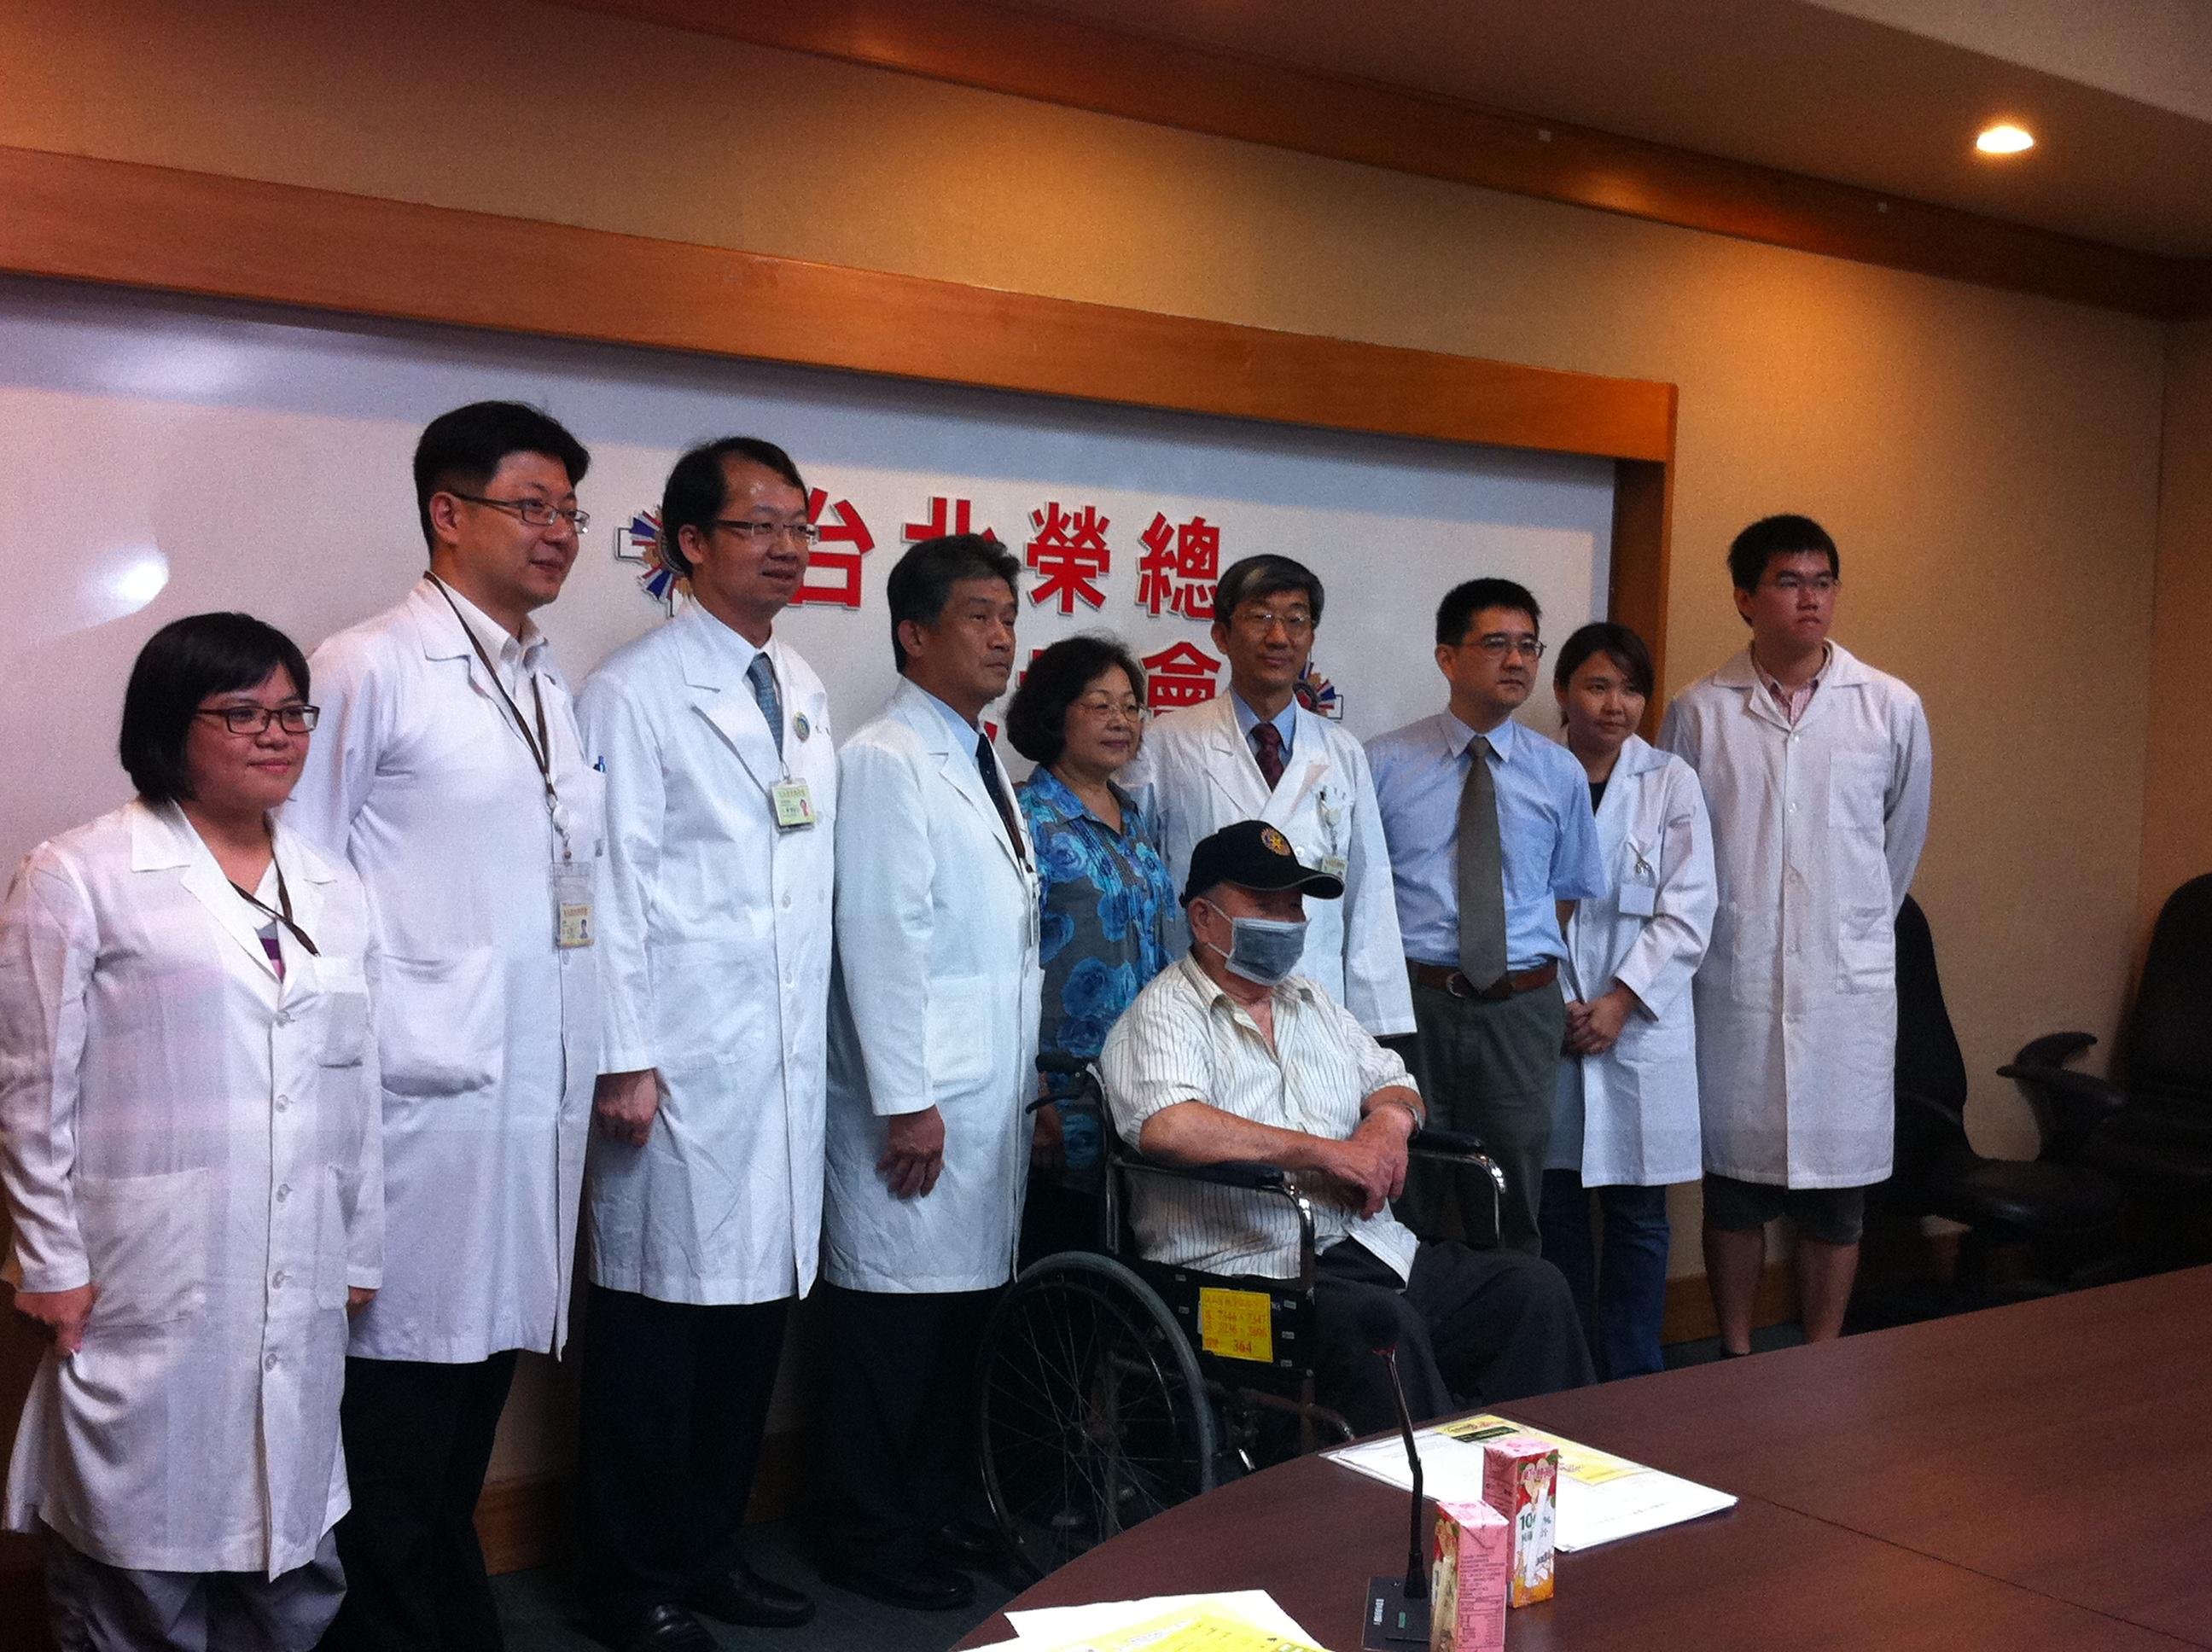 陽榮小腦萎縮症研究團隊發現第22型小腦萎縮症在台北榮總舉行記者招待會